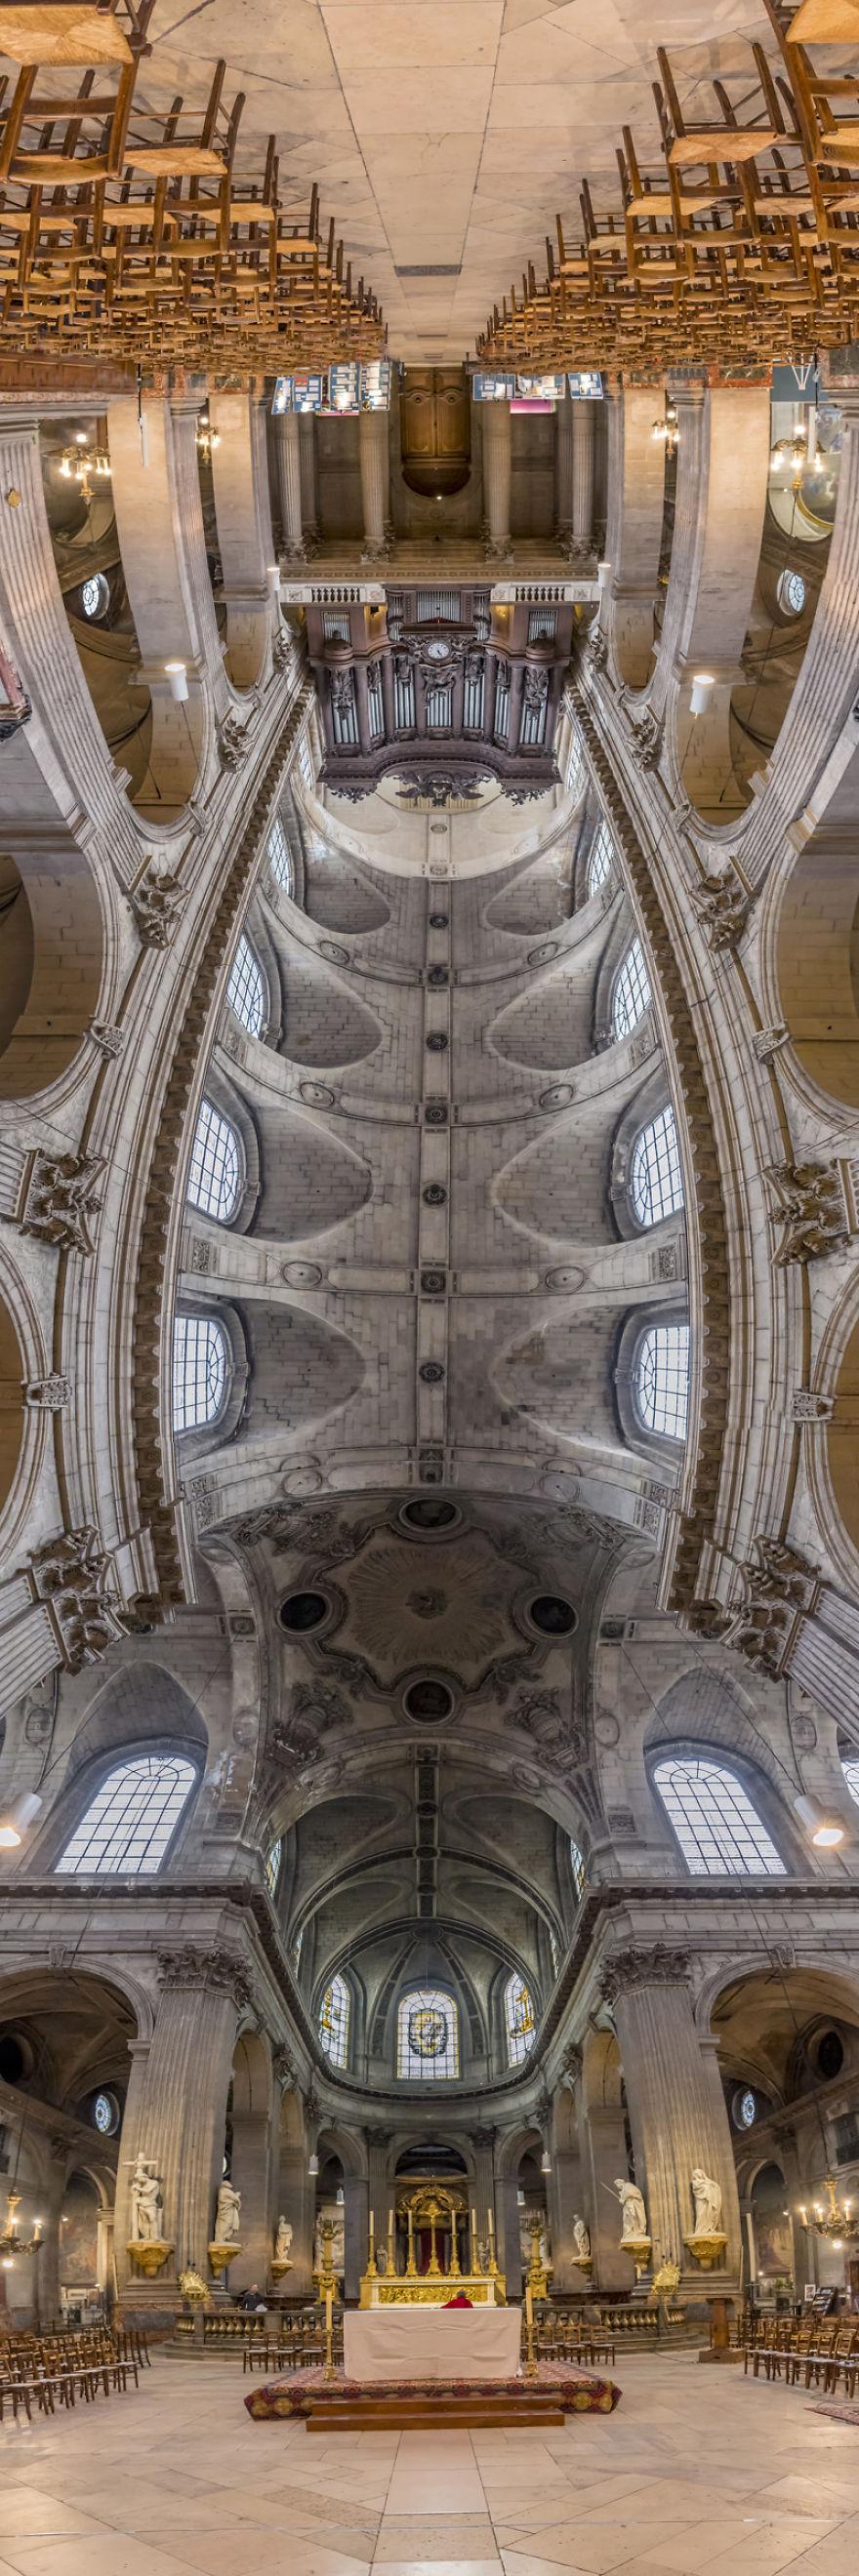 Eglise-Saint-Sulpice-Paris-France-5afb3844bc296__880